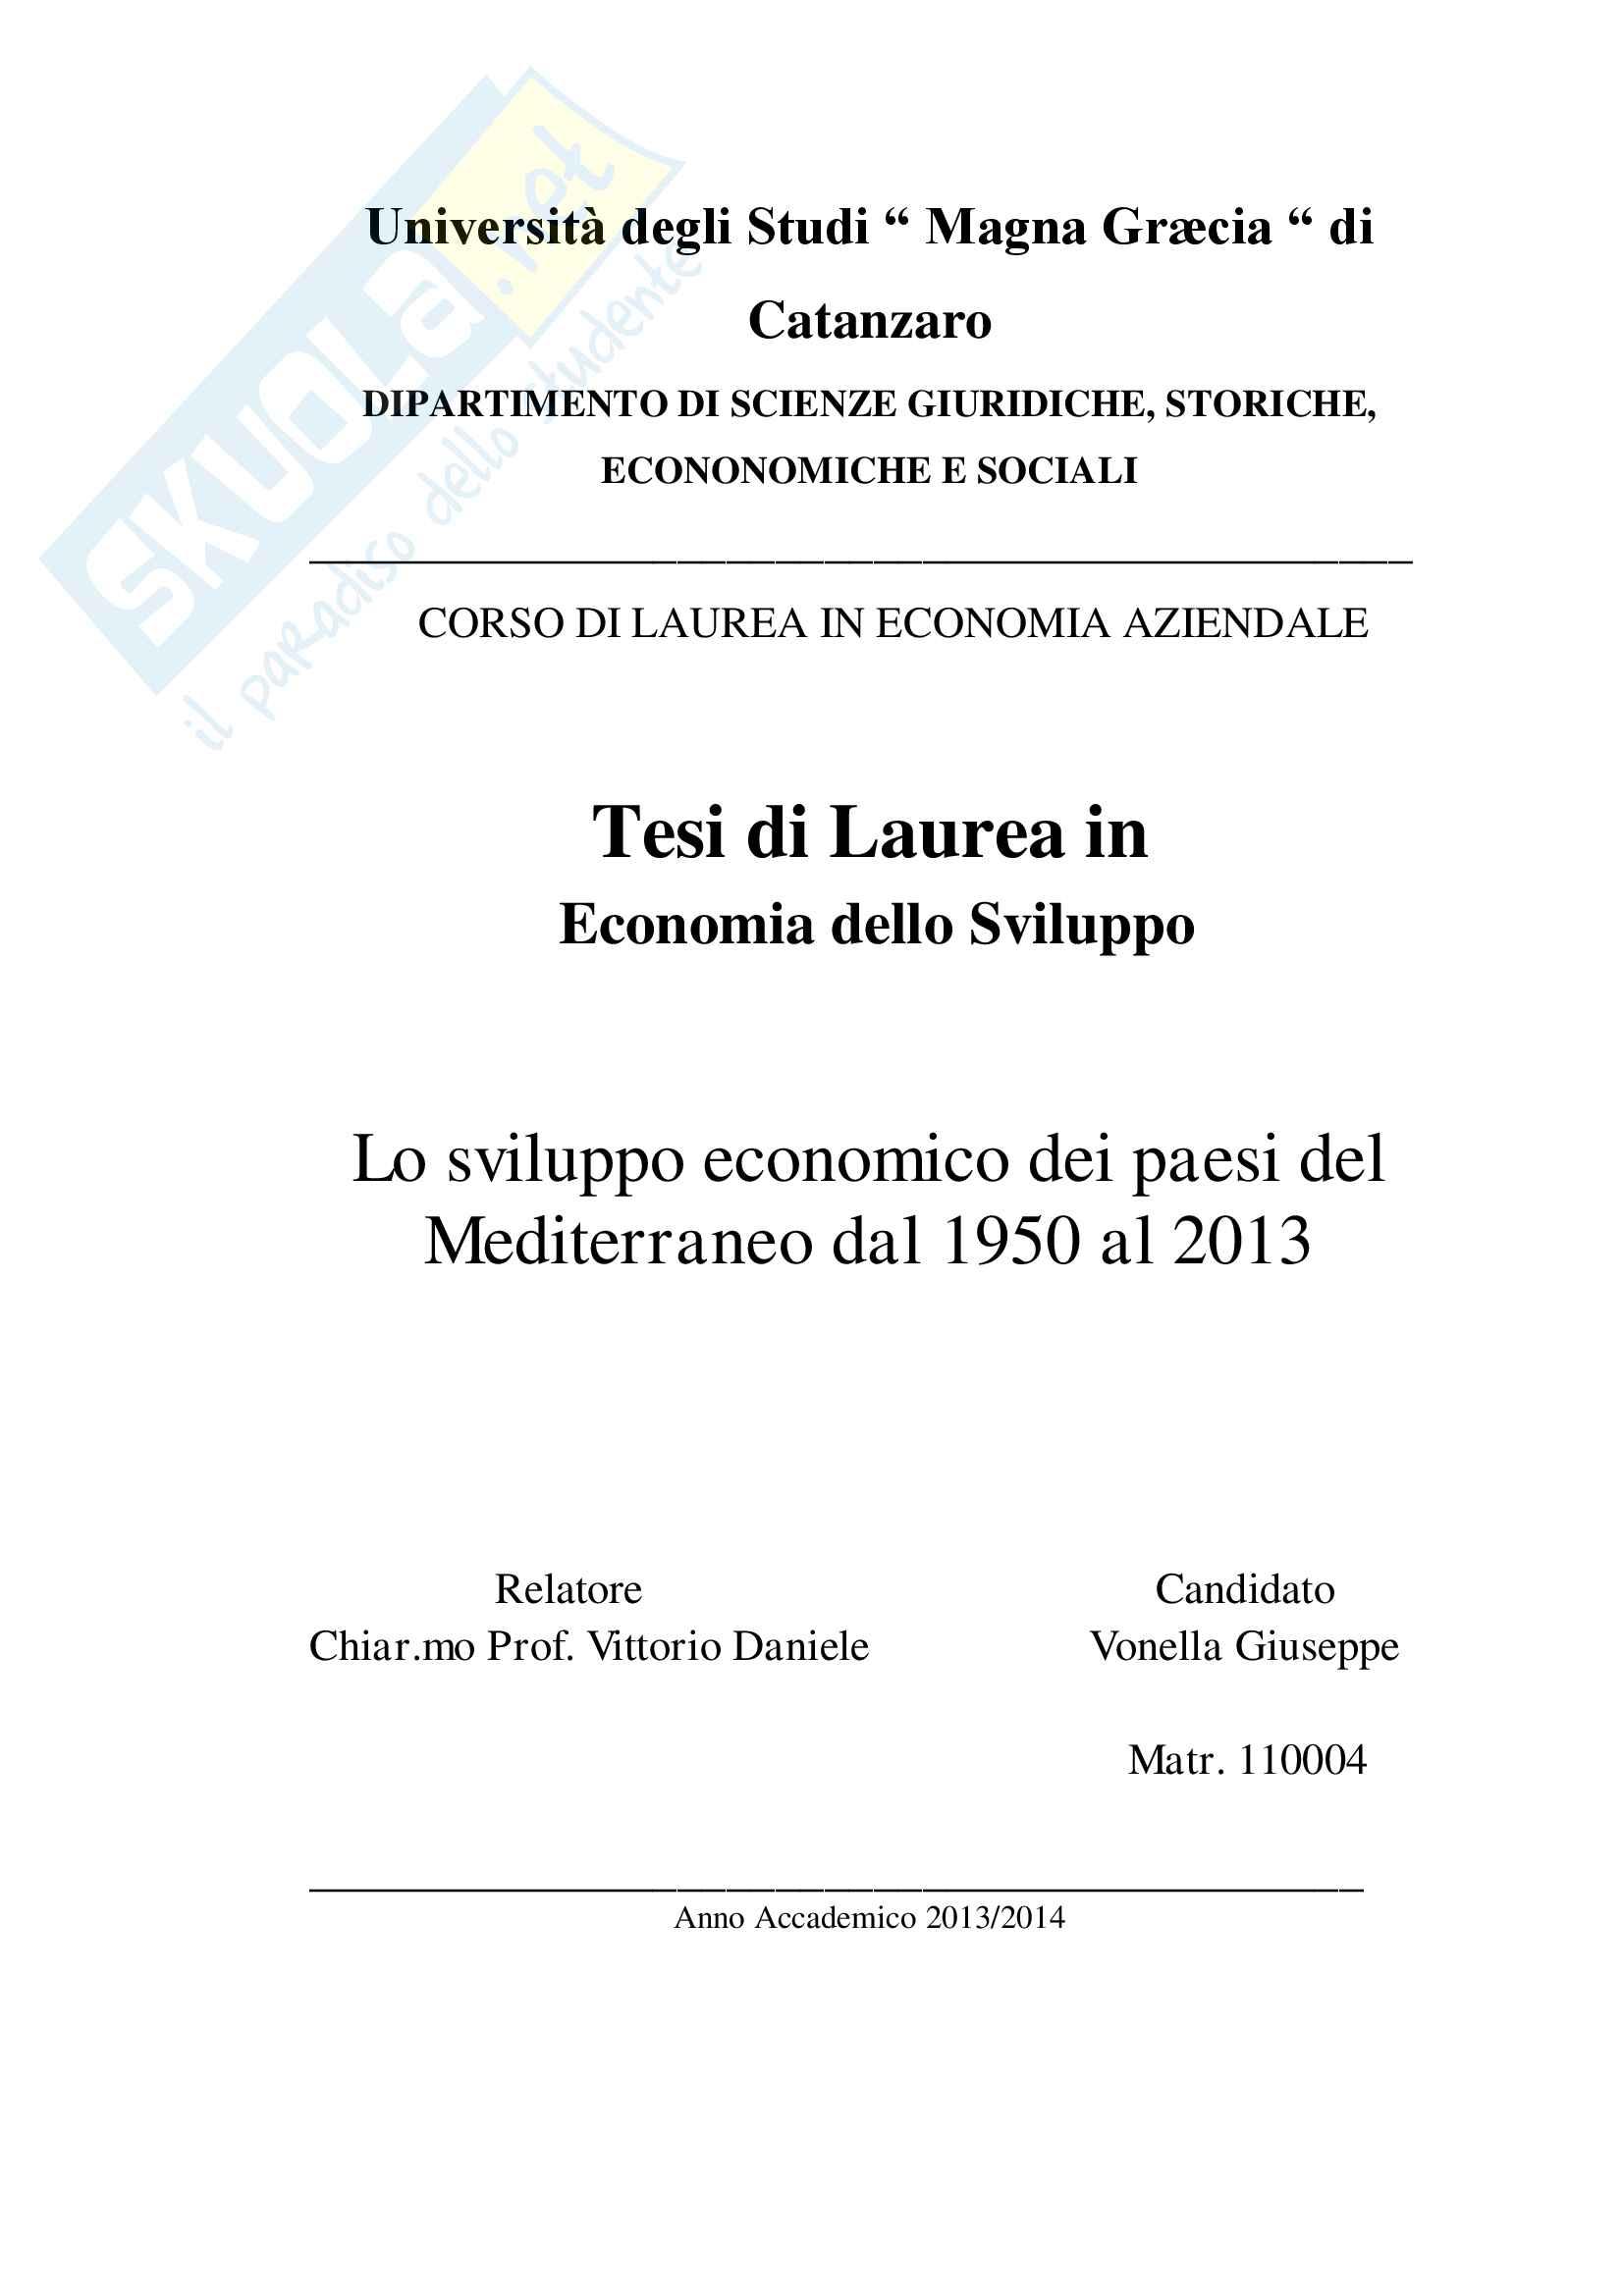 Tesi integrale Lo sviluppo economico dei Paesi del mediterraneo dal 1950 al 2013 Vonella Giuseppe